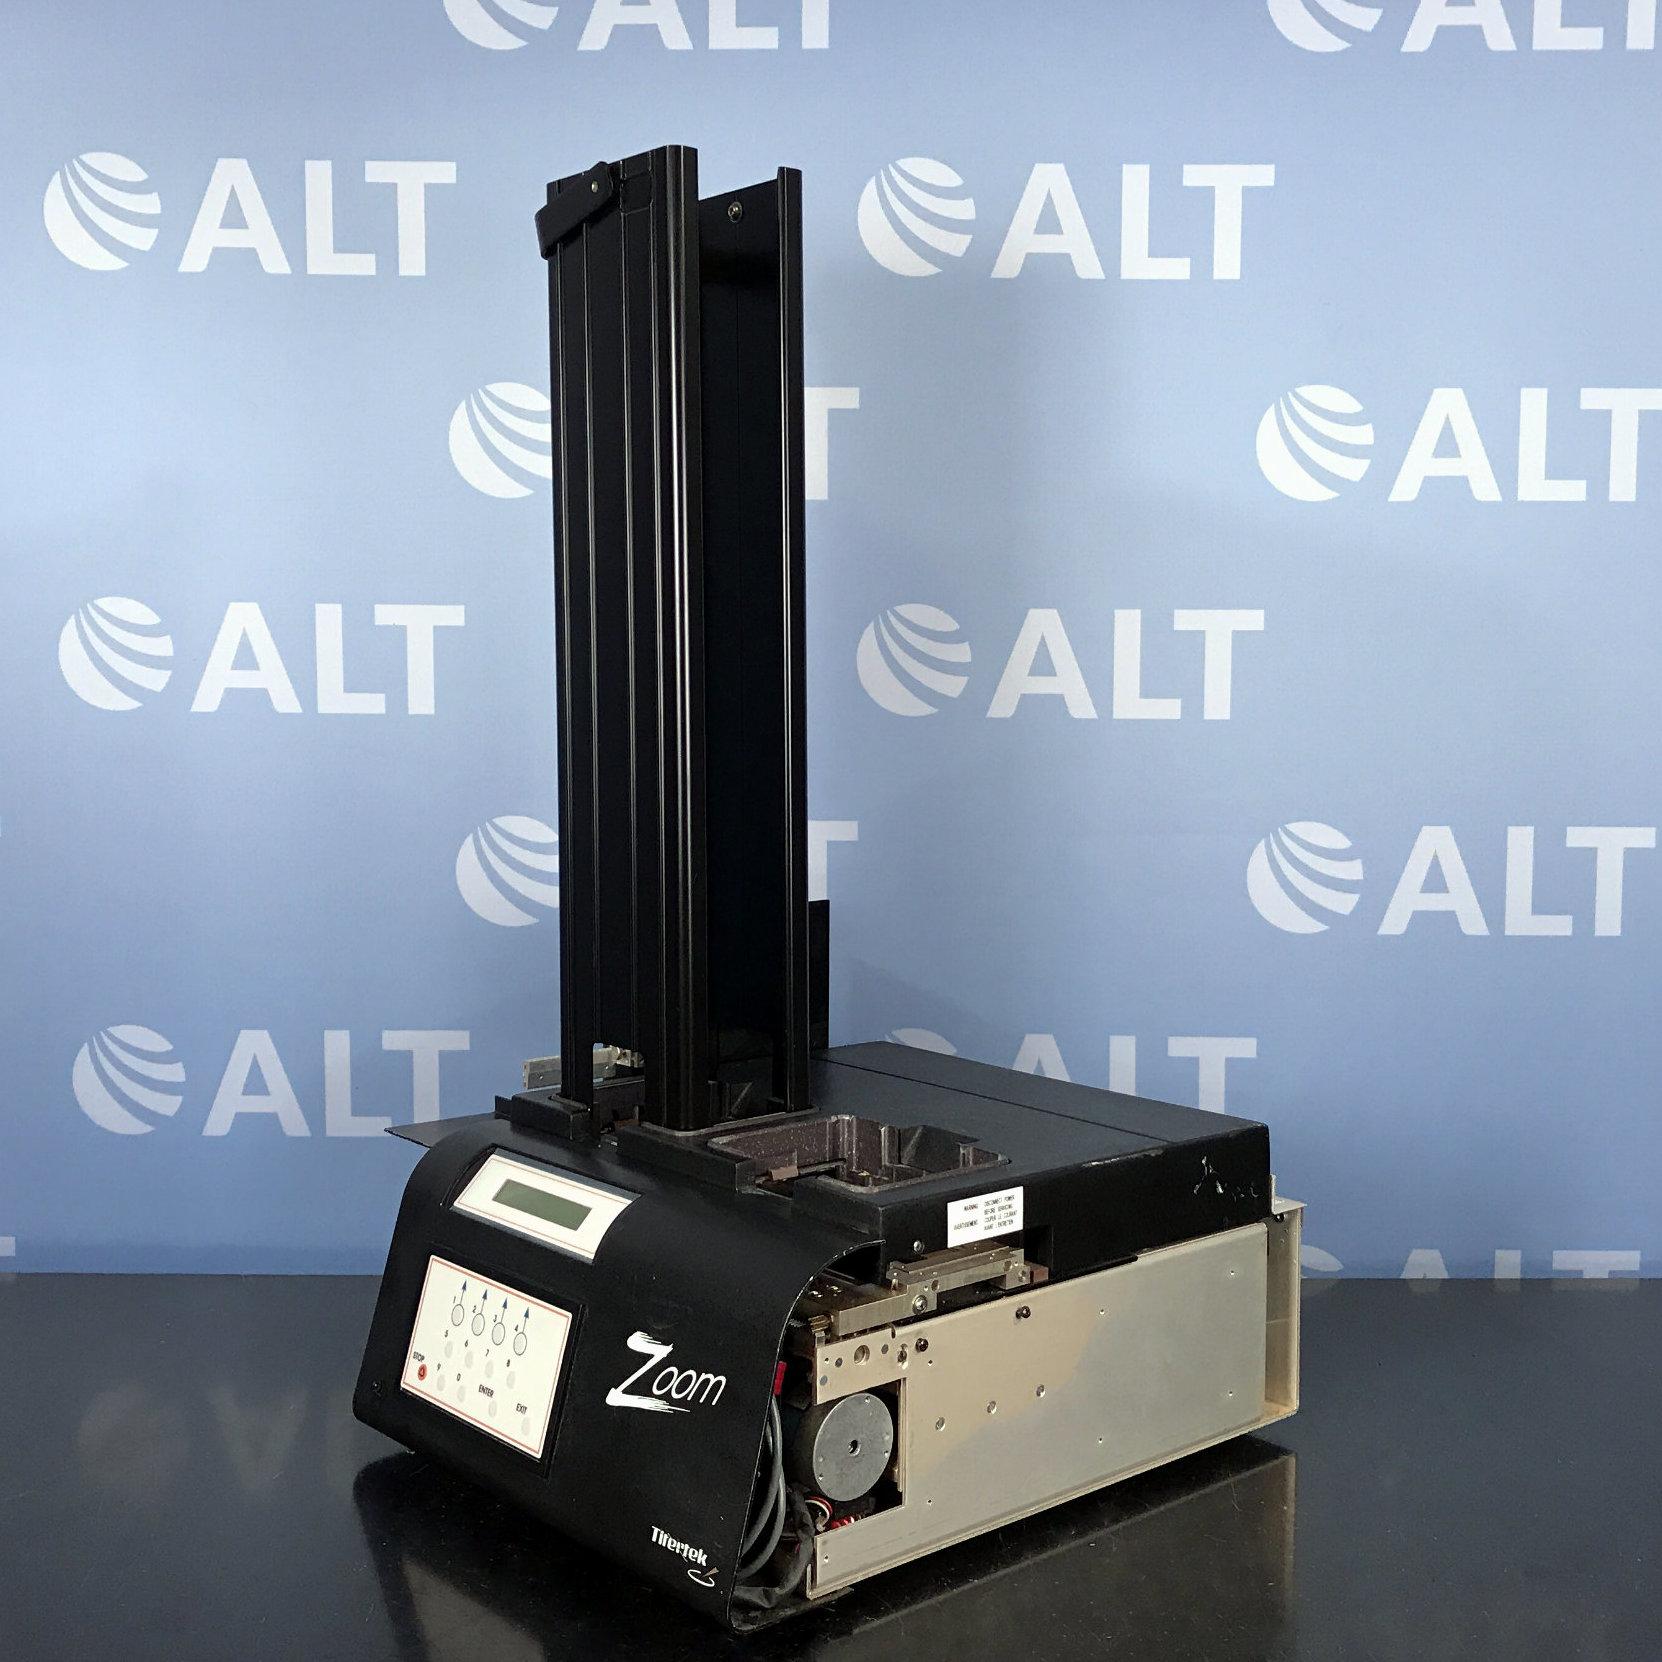 Titertek Instruments ZOOM Multidrop 384 Titertek 547 With a DigiFlex Image